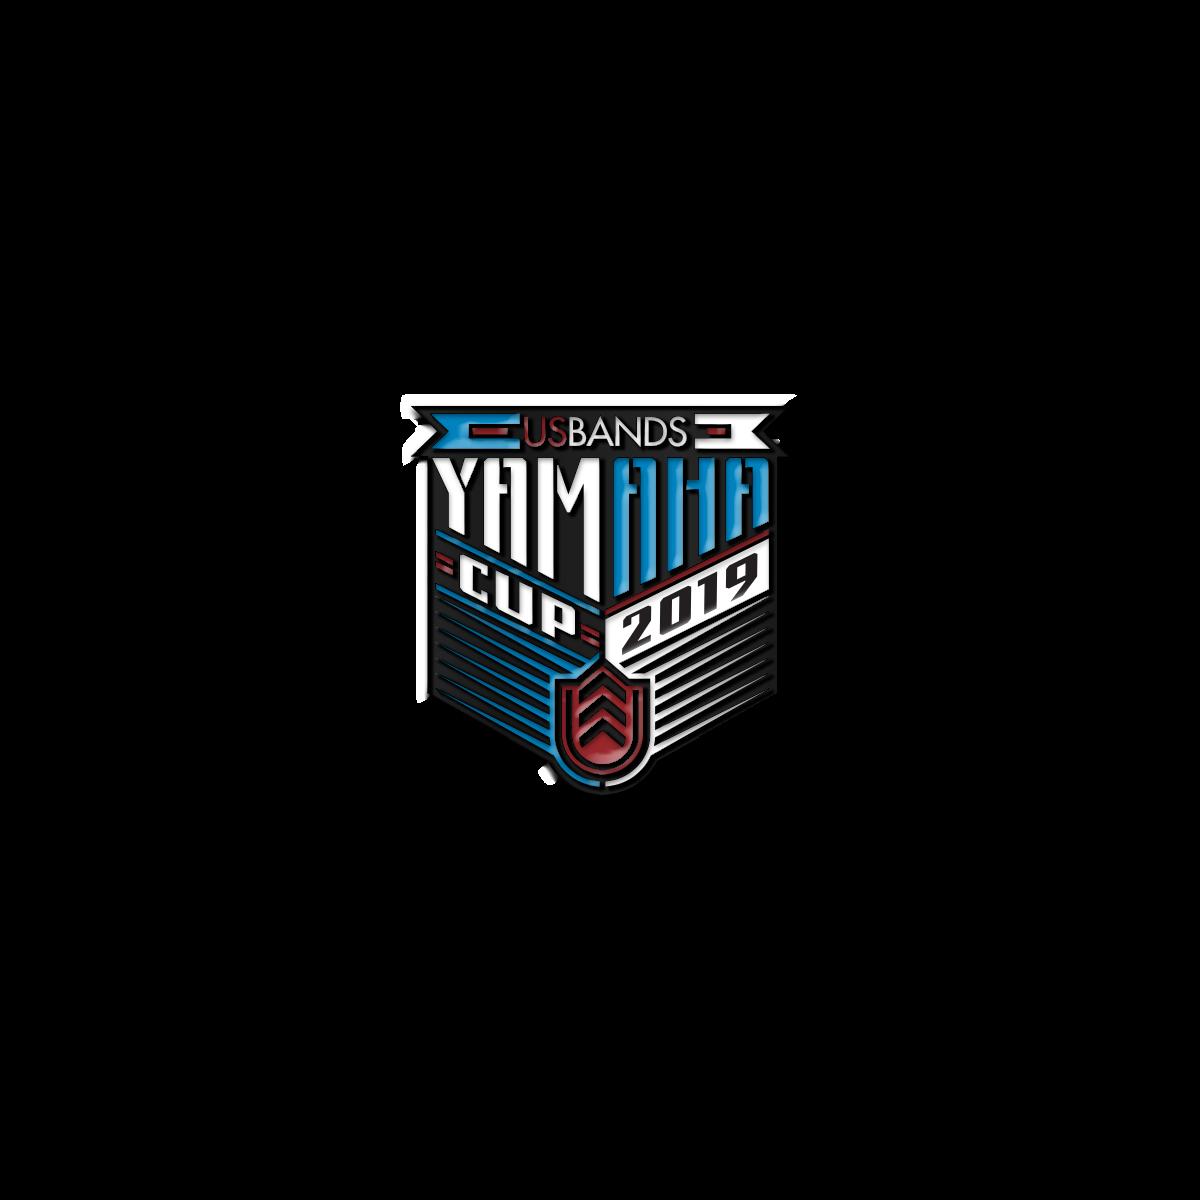 2019 USBands Yamaha Cup Pin